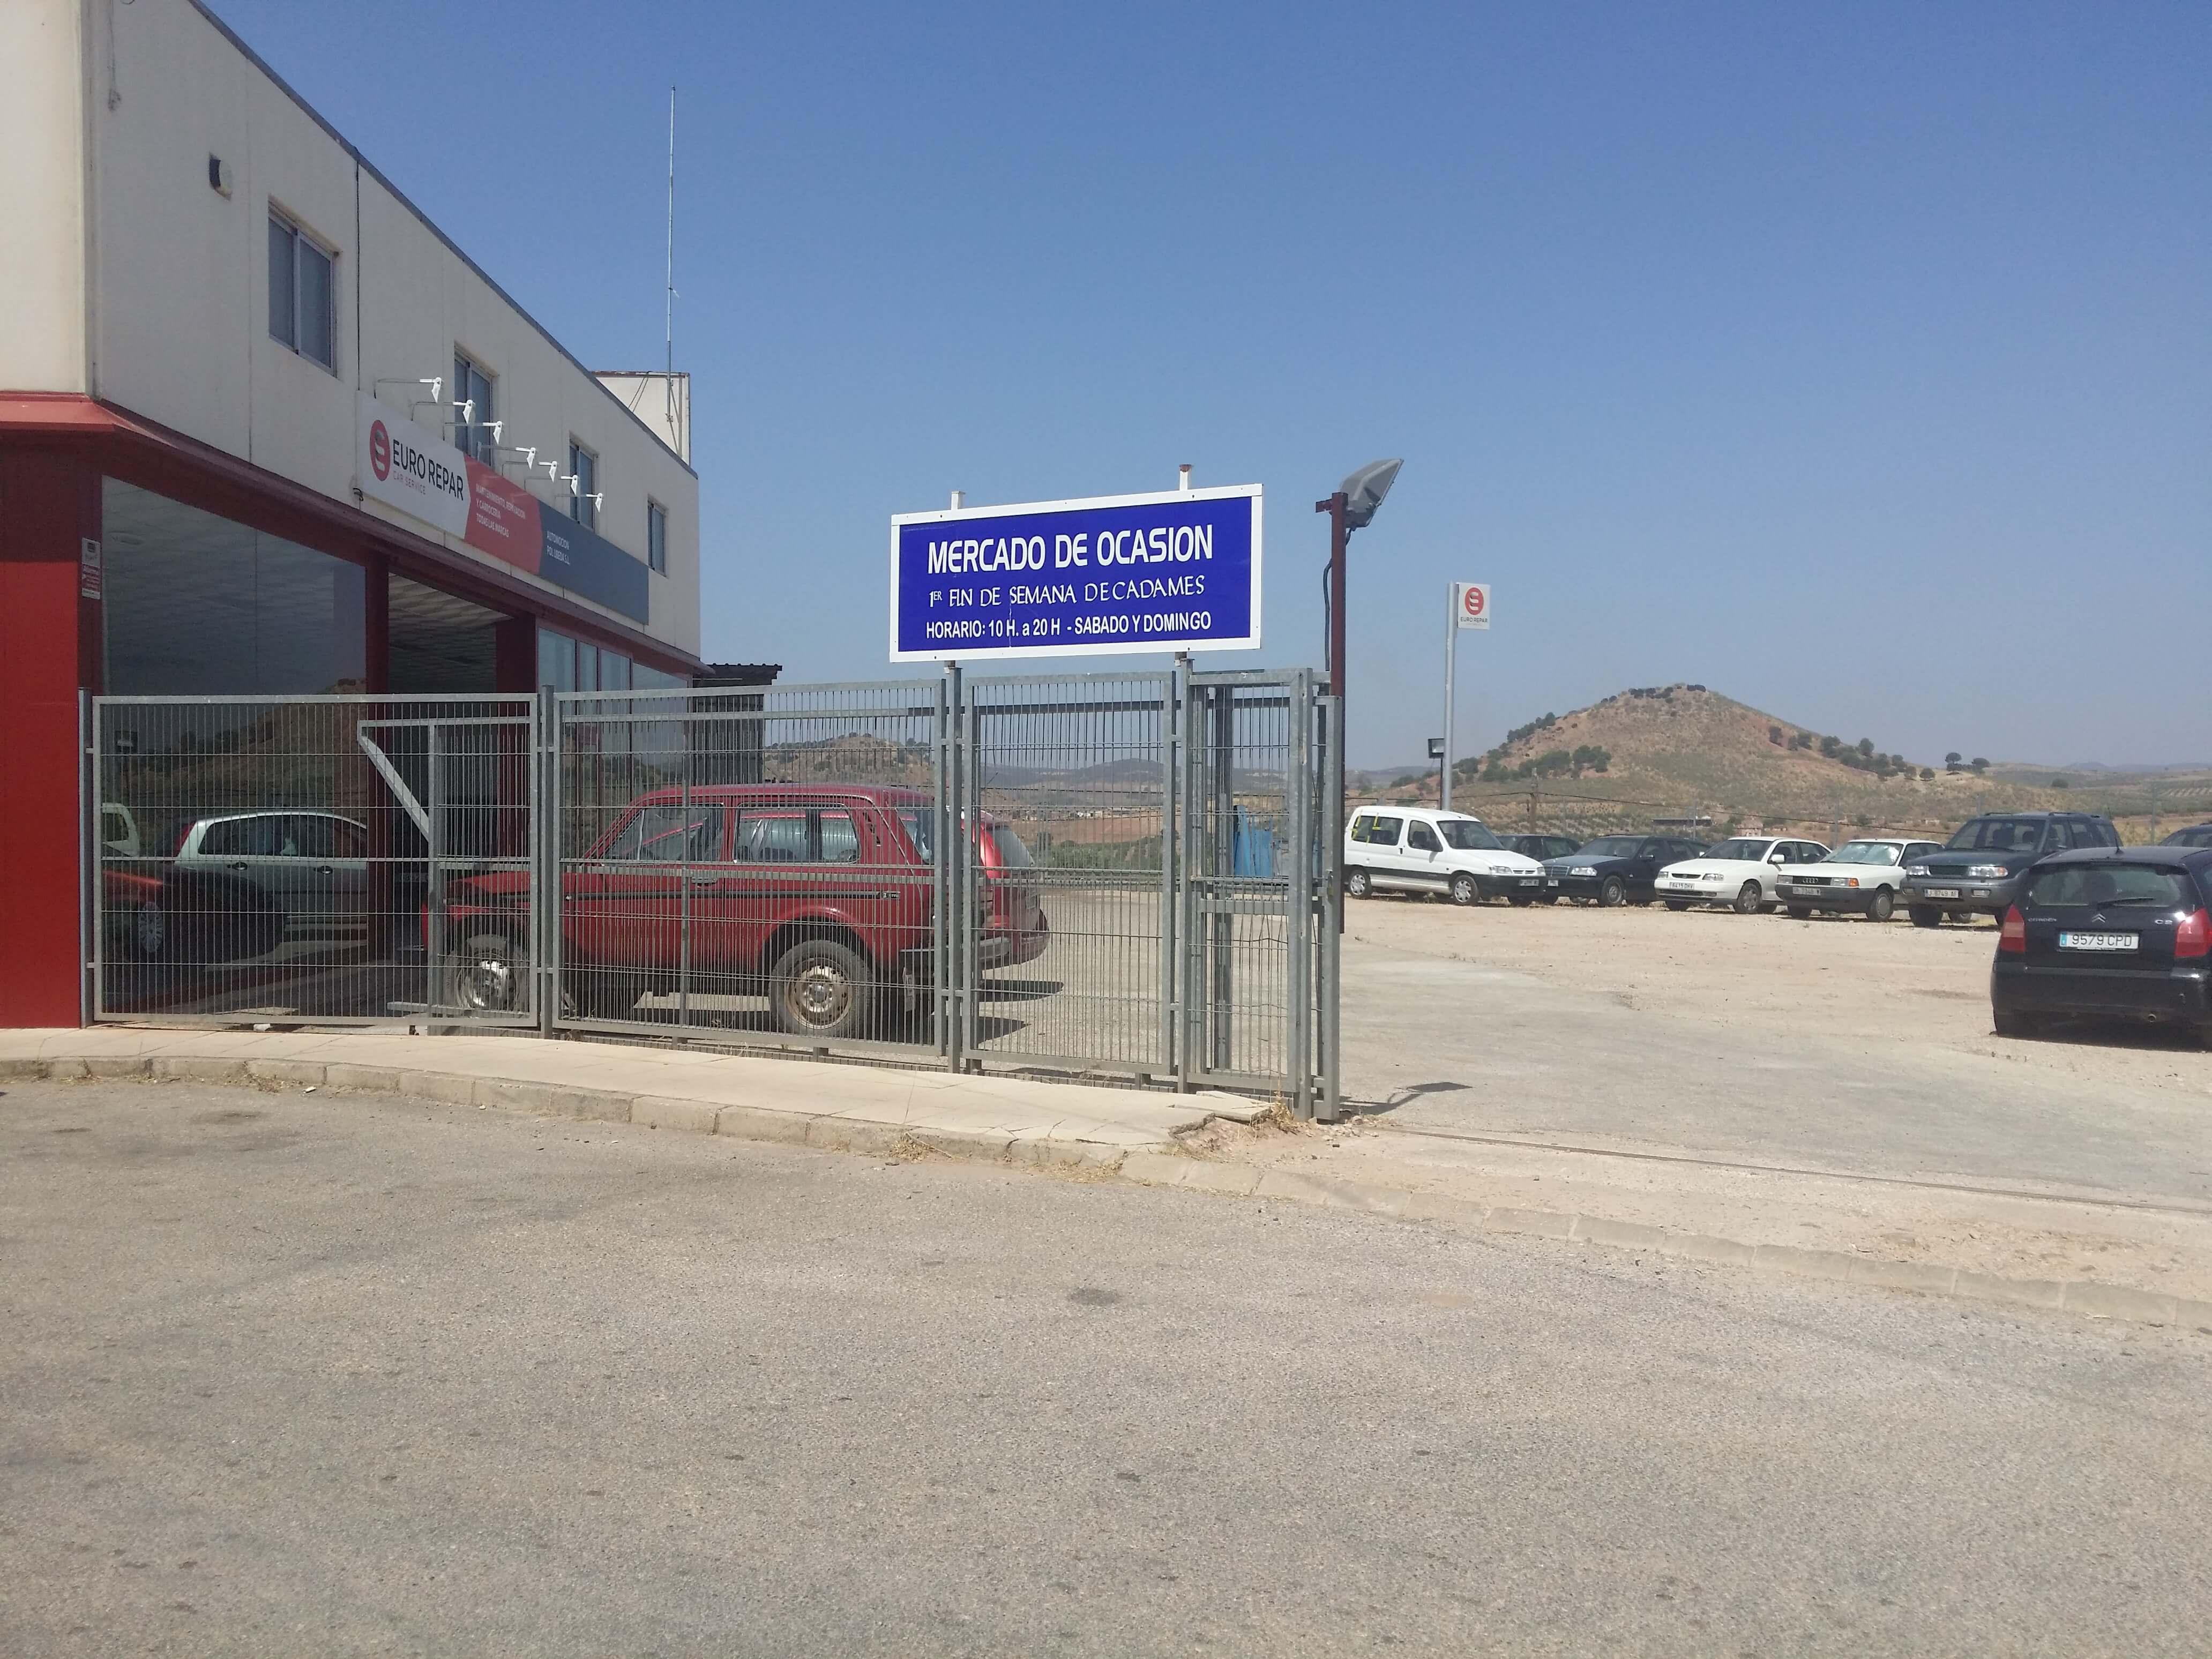 Taller AUTOMOCION POL UBEDA, S.L. en Jaén